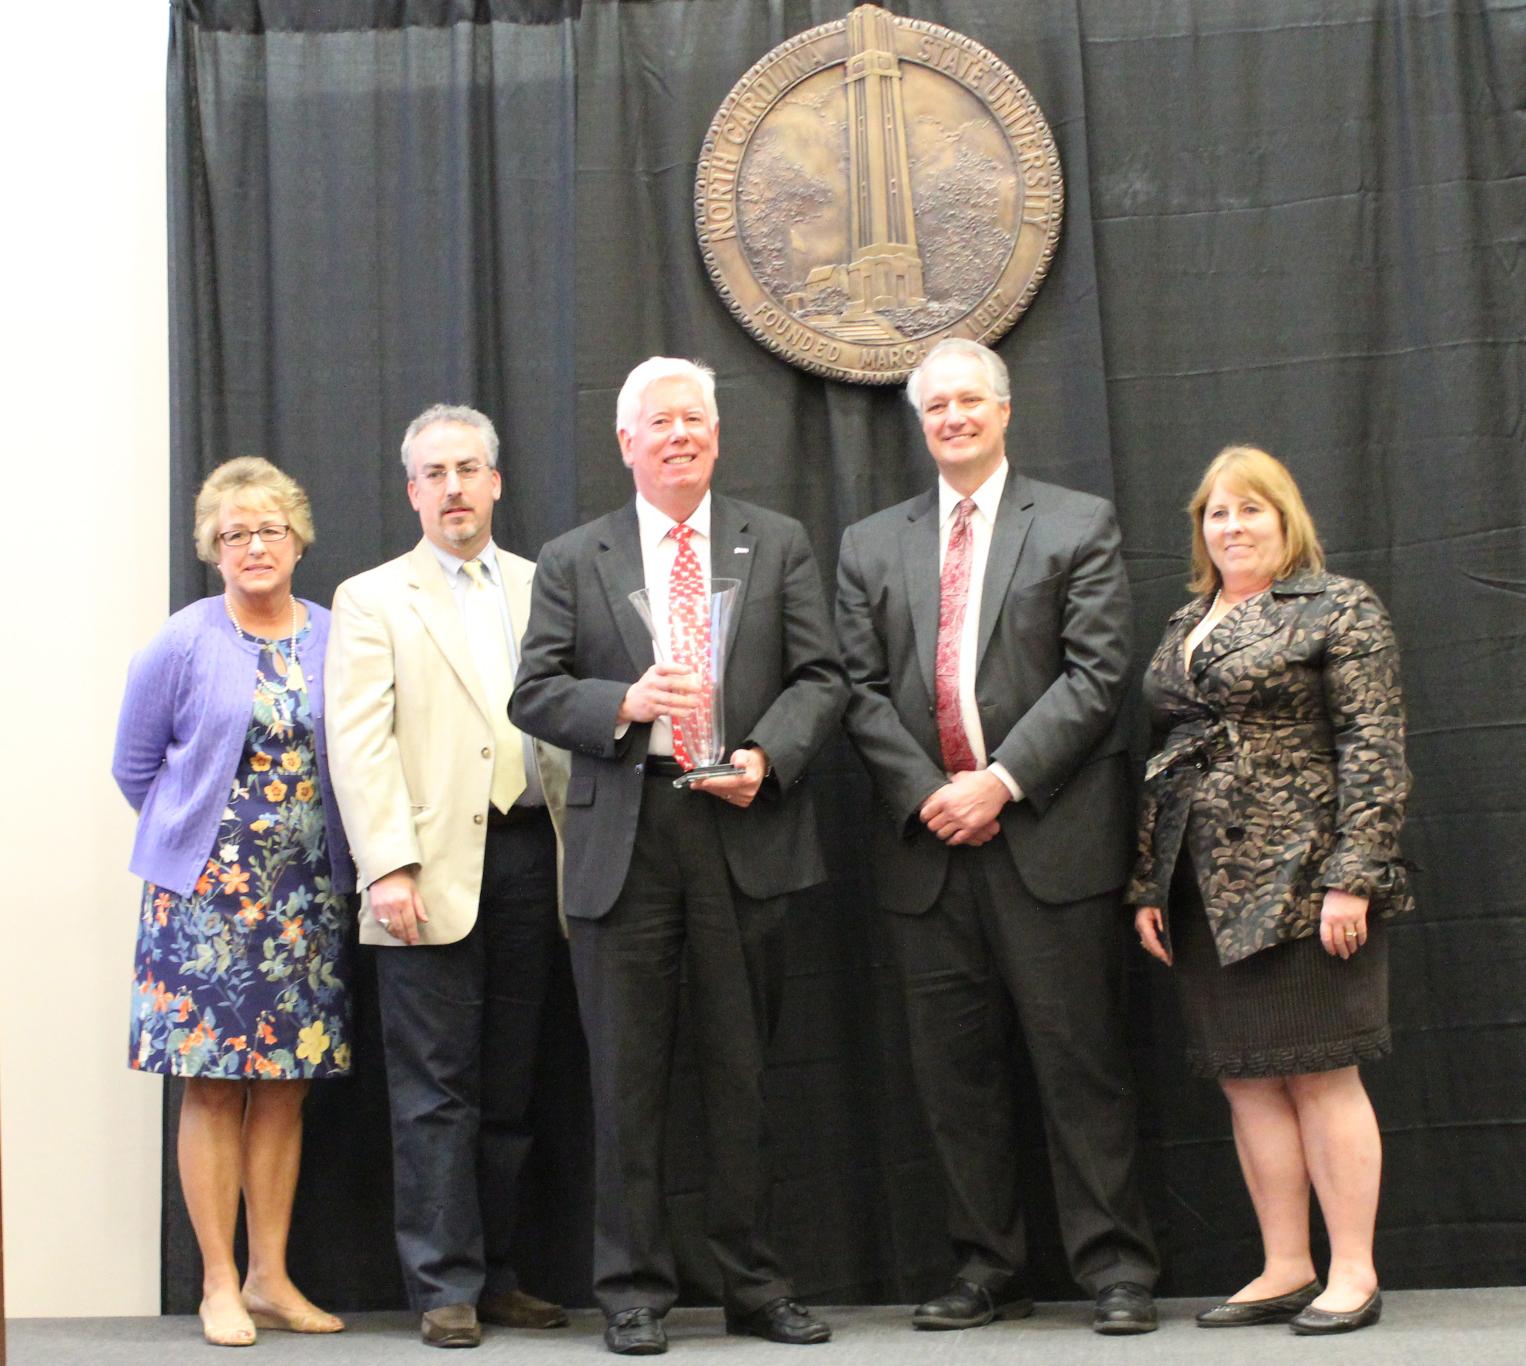 Dr. Tom Miller Receives William L. Turner Award